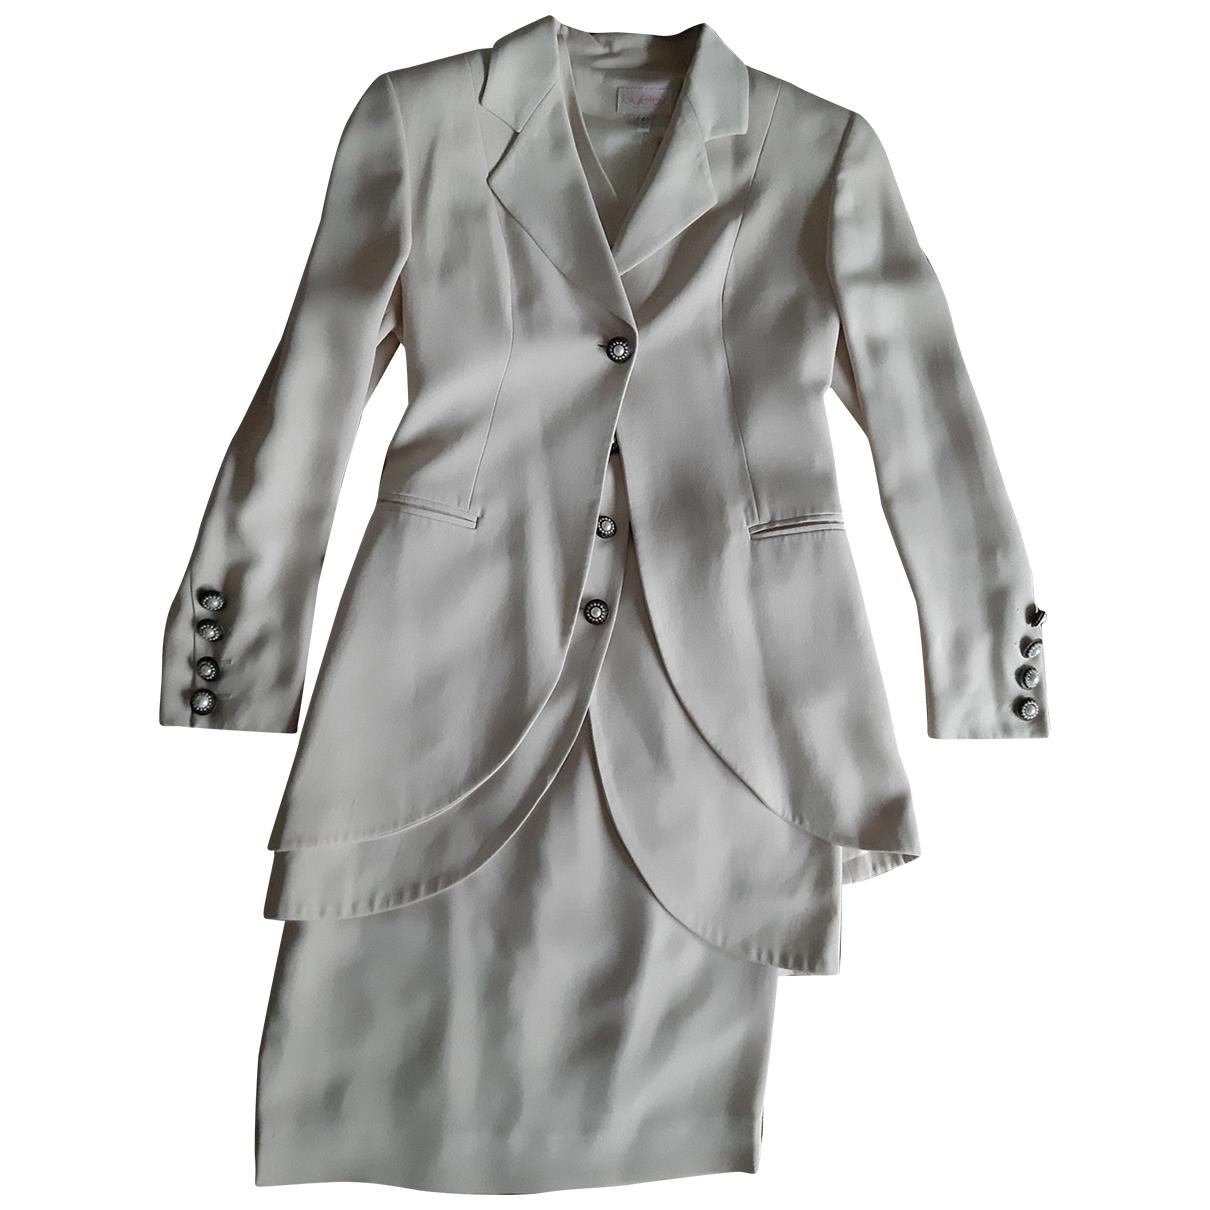 Byblos \N Ecru dress for Women 40 IT